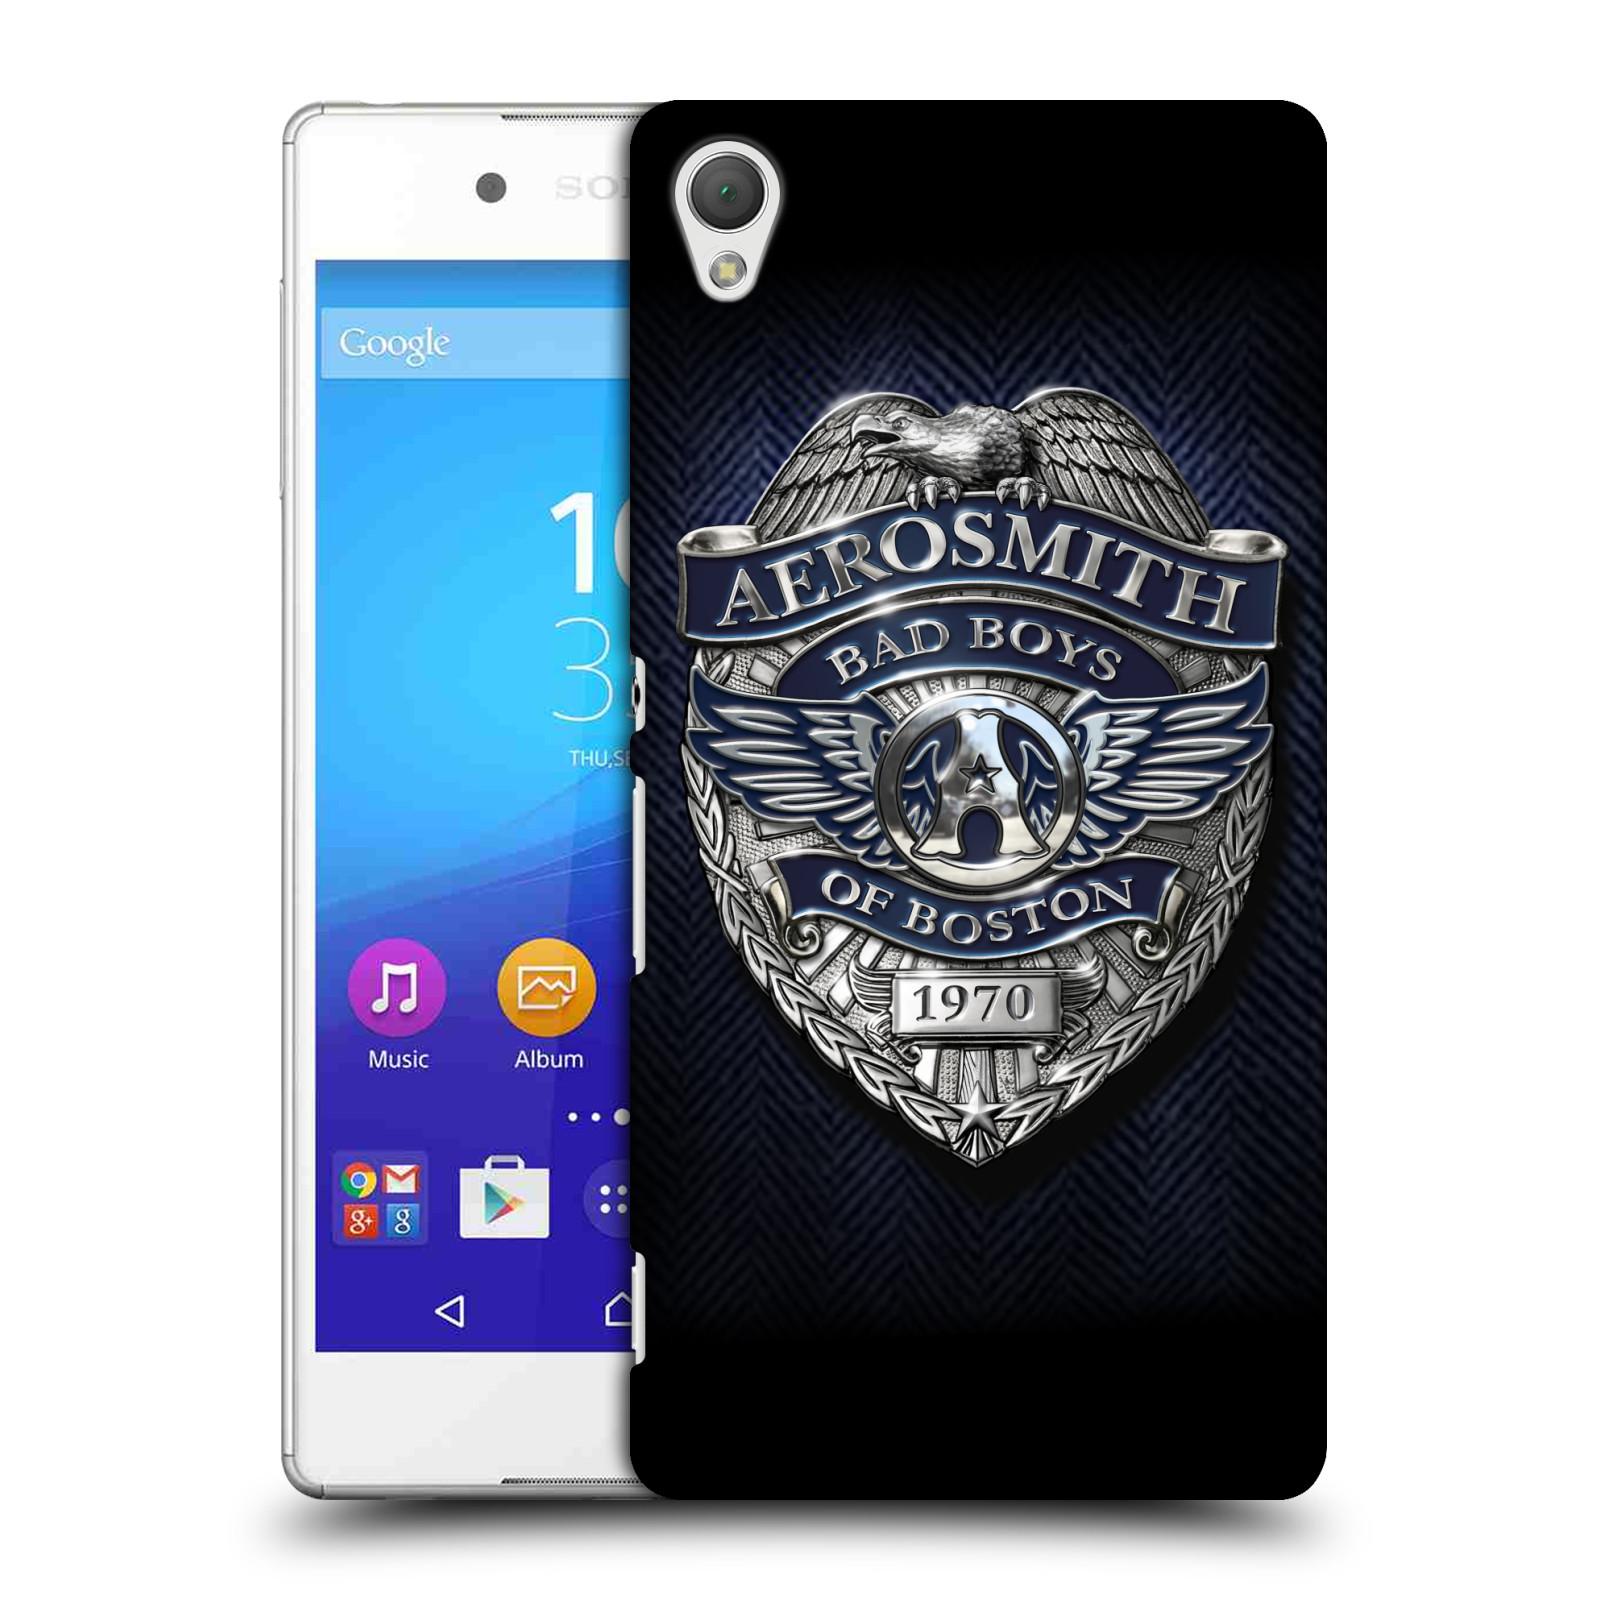 Plastové pouzdro na mobil Sony Xperia Z3+ (Plus) HEAD CASE - Aerosmith - Bad Boys of Boston